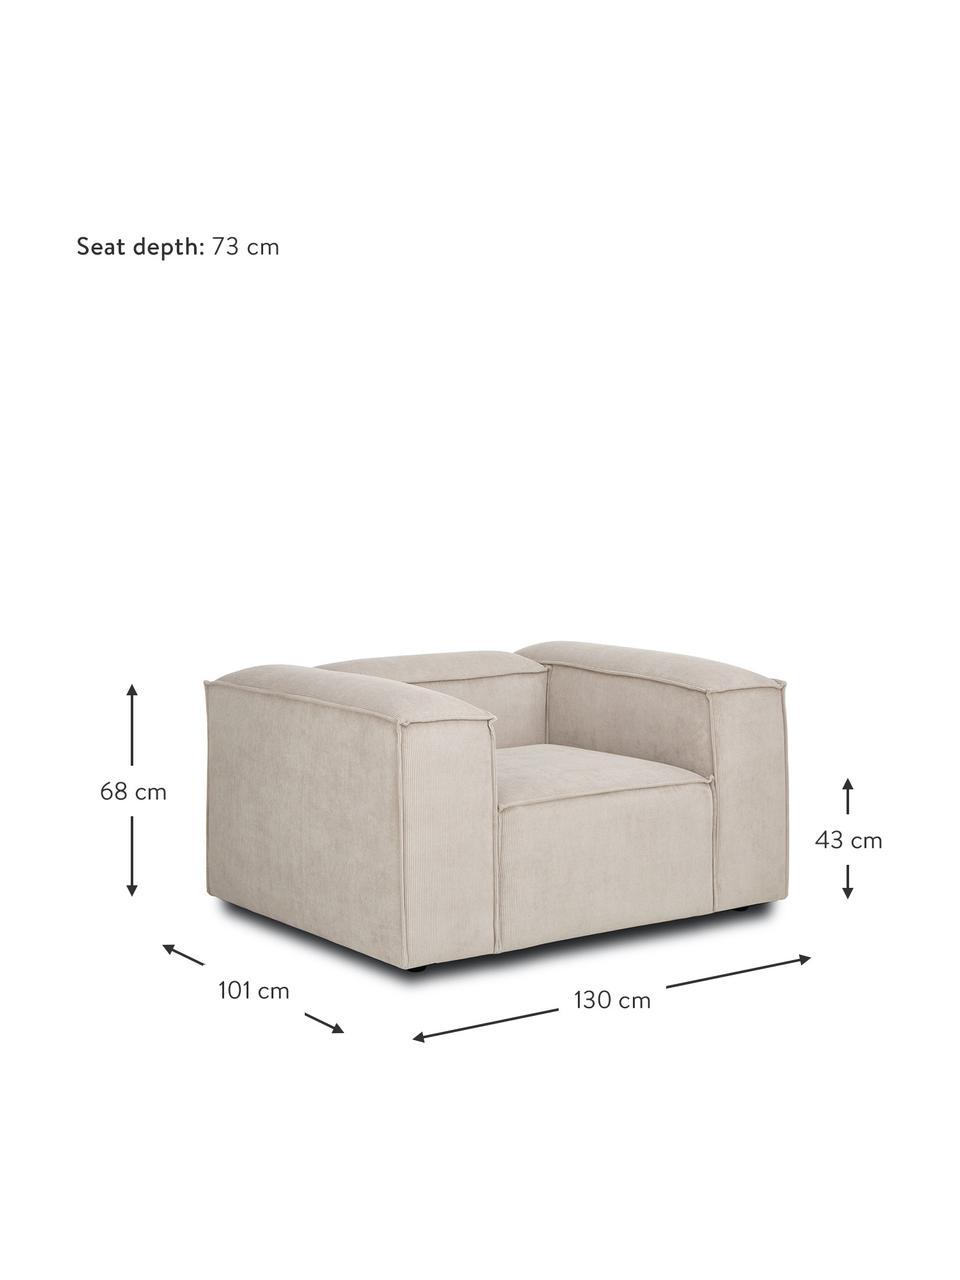 Fotel ze sztruksu Lennon, Tapicerka: sztruks (92% poliester, 8, Stelaż: lite drewno sosnowe, skle, Nogi: tworzywo sztuczne Nogi zn, Sztruksowy beżowy, S 130 x G 101 cm